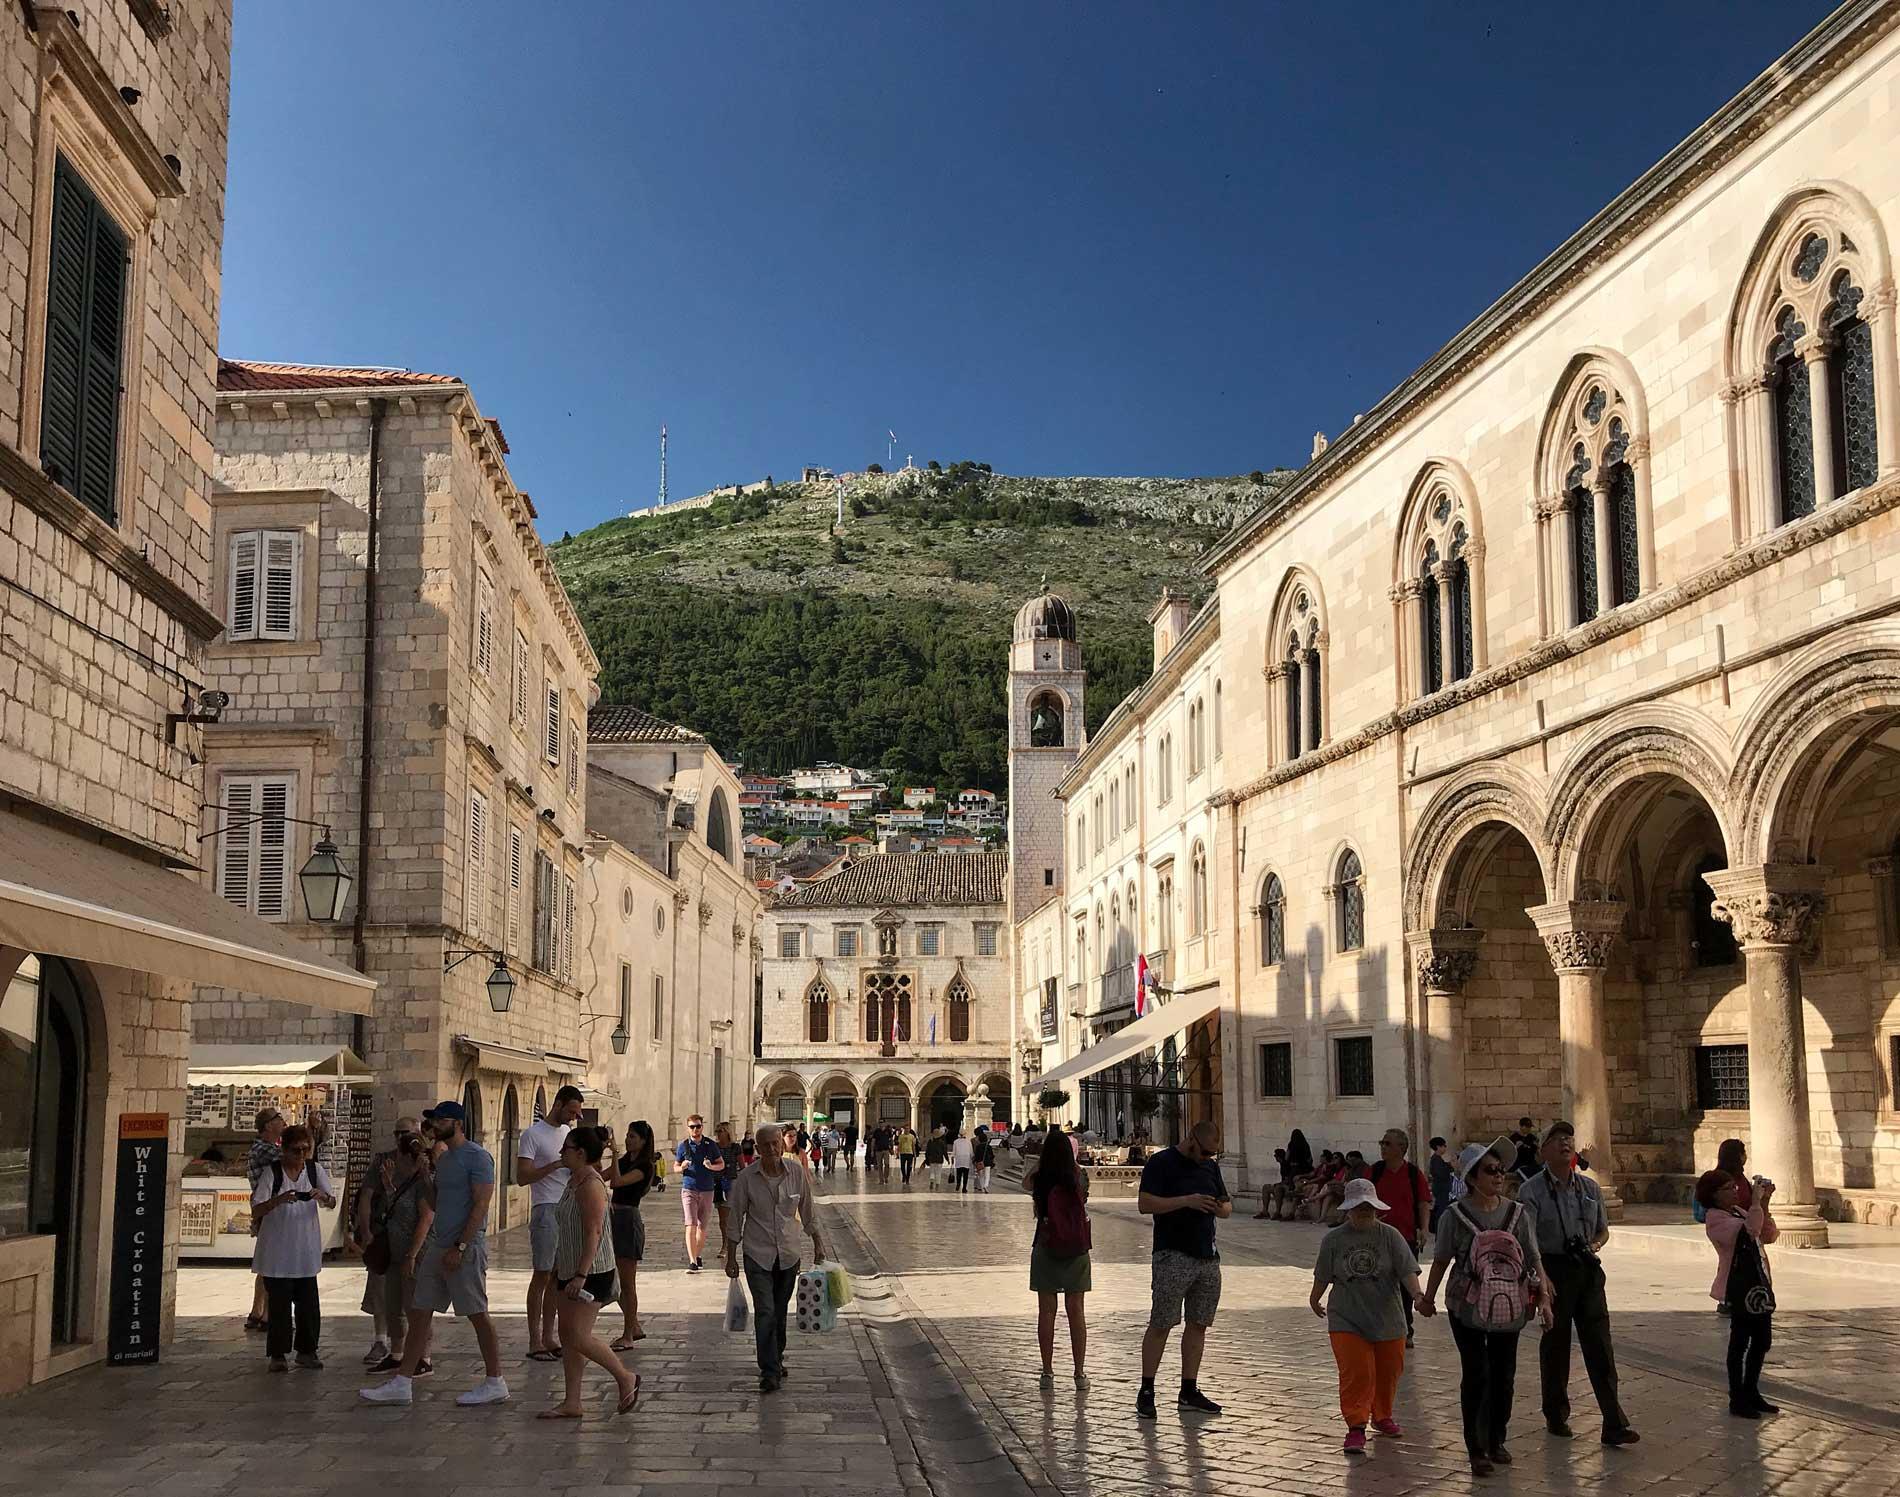 Dubrovnik-Croazia-piazza-della-Loggia-Palazzo-dei-rettori-loggiato